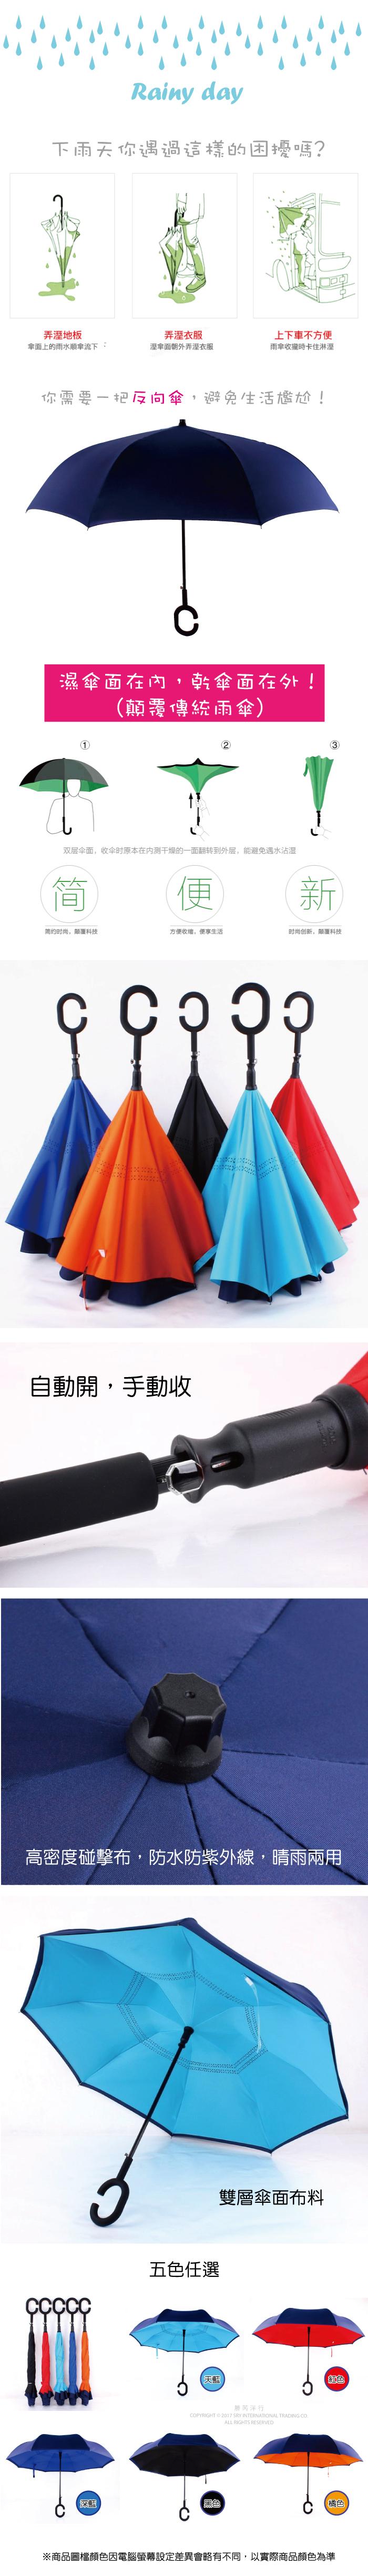 反向直傘(自動)介紹